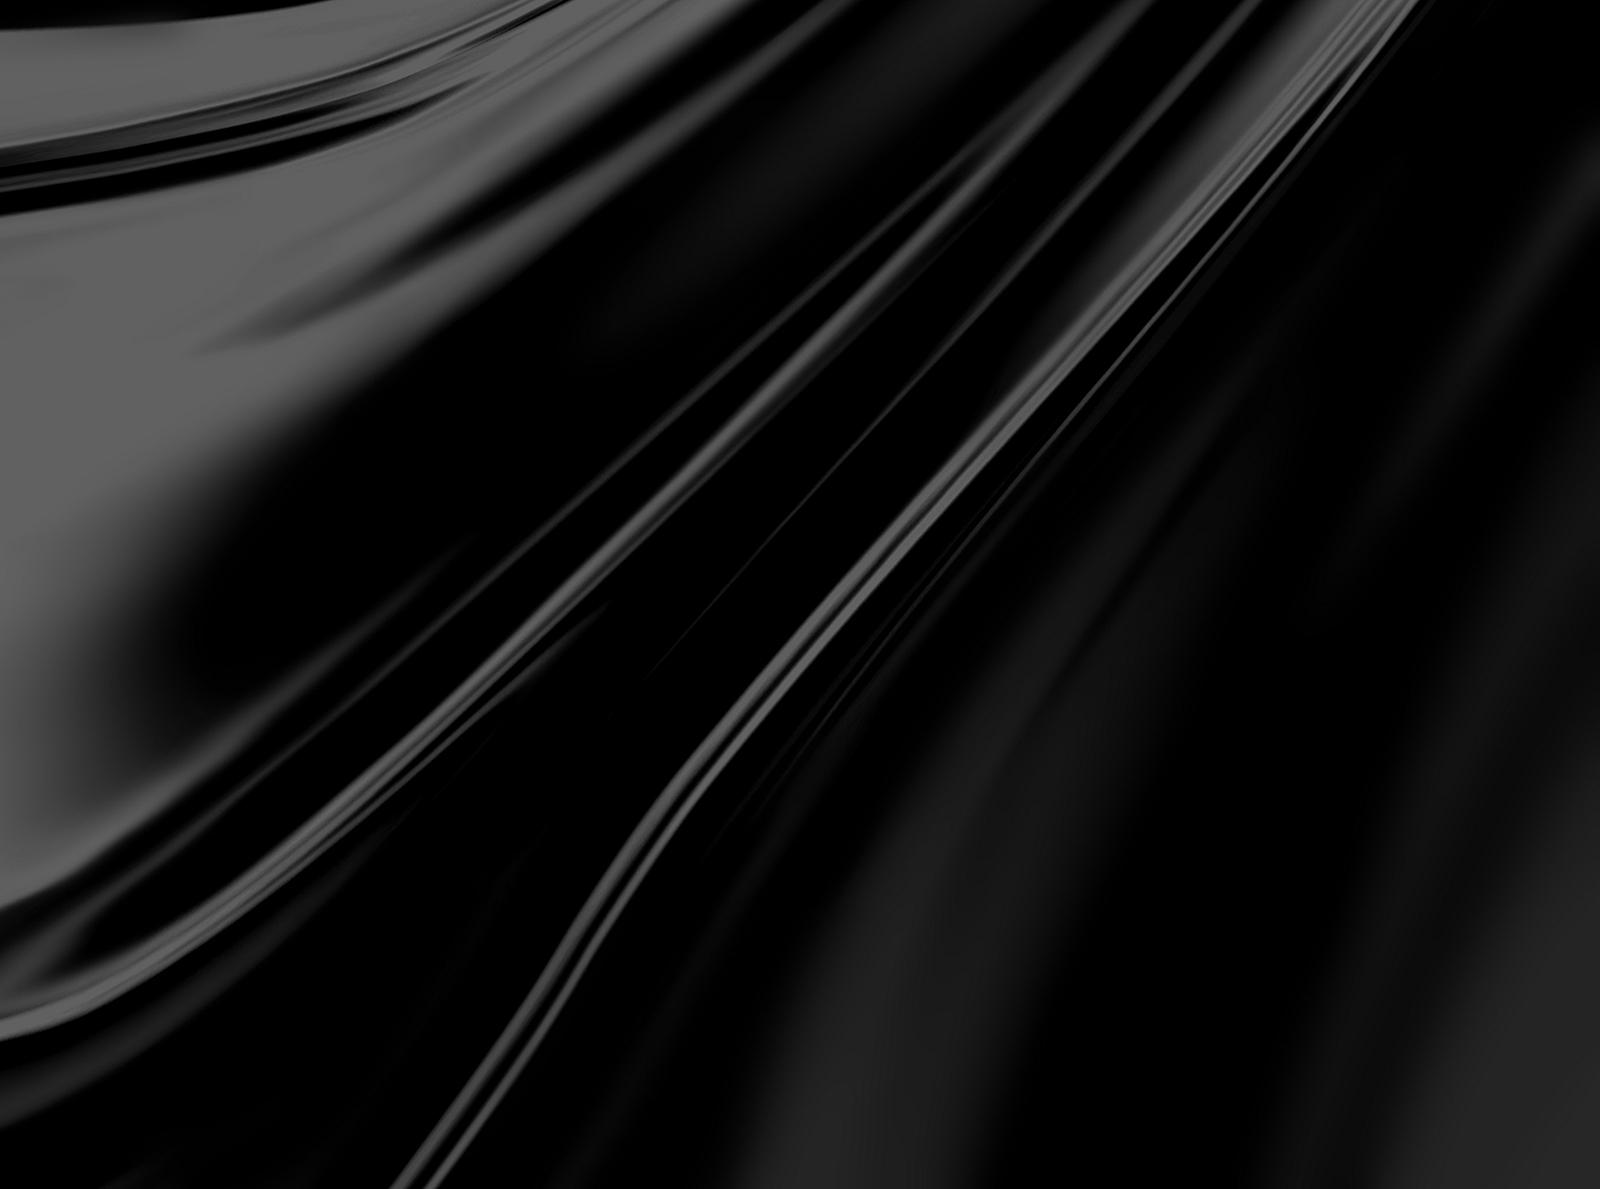 Koleksi Wallpaper Keren Background BB (BlackBerry) - RIFANYTOP